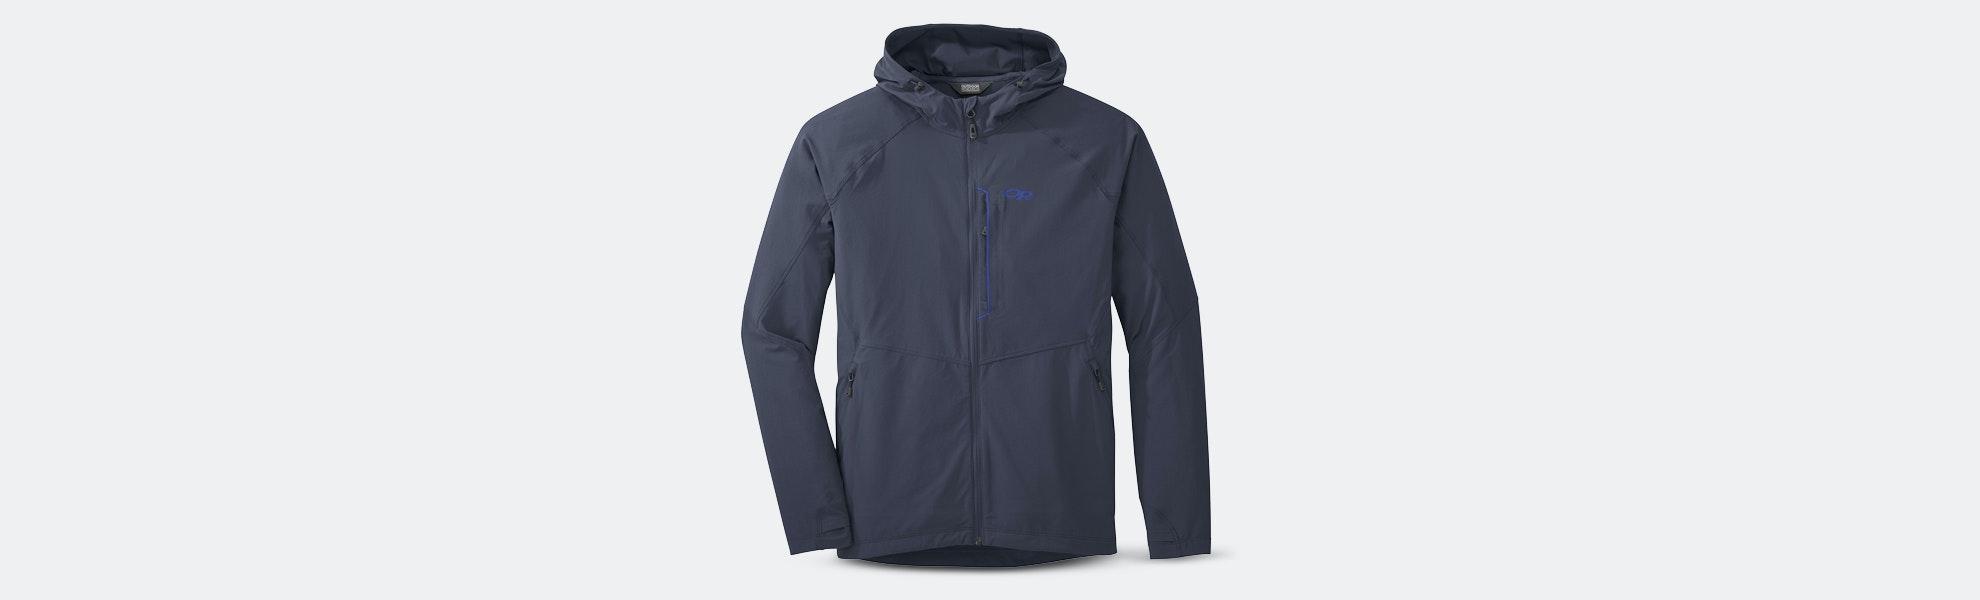 Outdoor Research Ferrosi & Winter Ferrosi Jacket